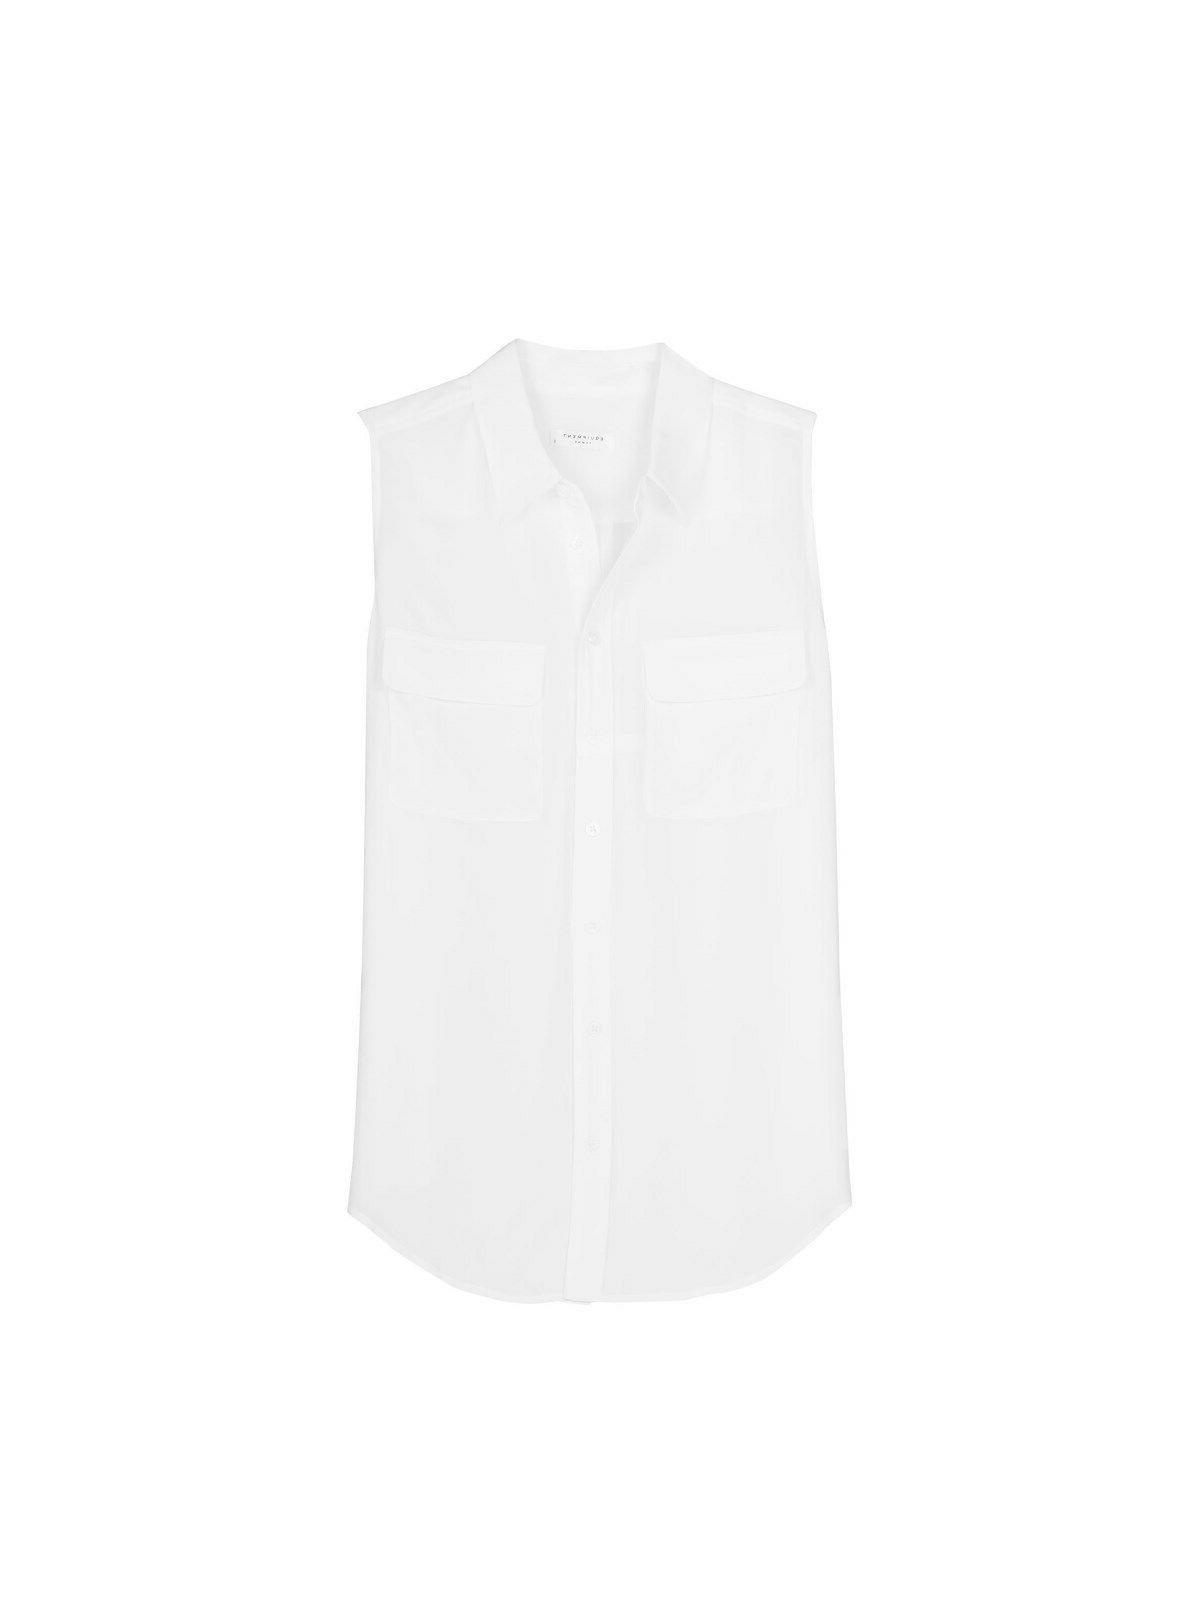 $195 Silk White